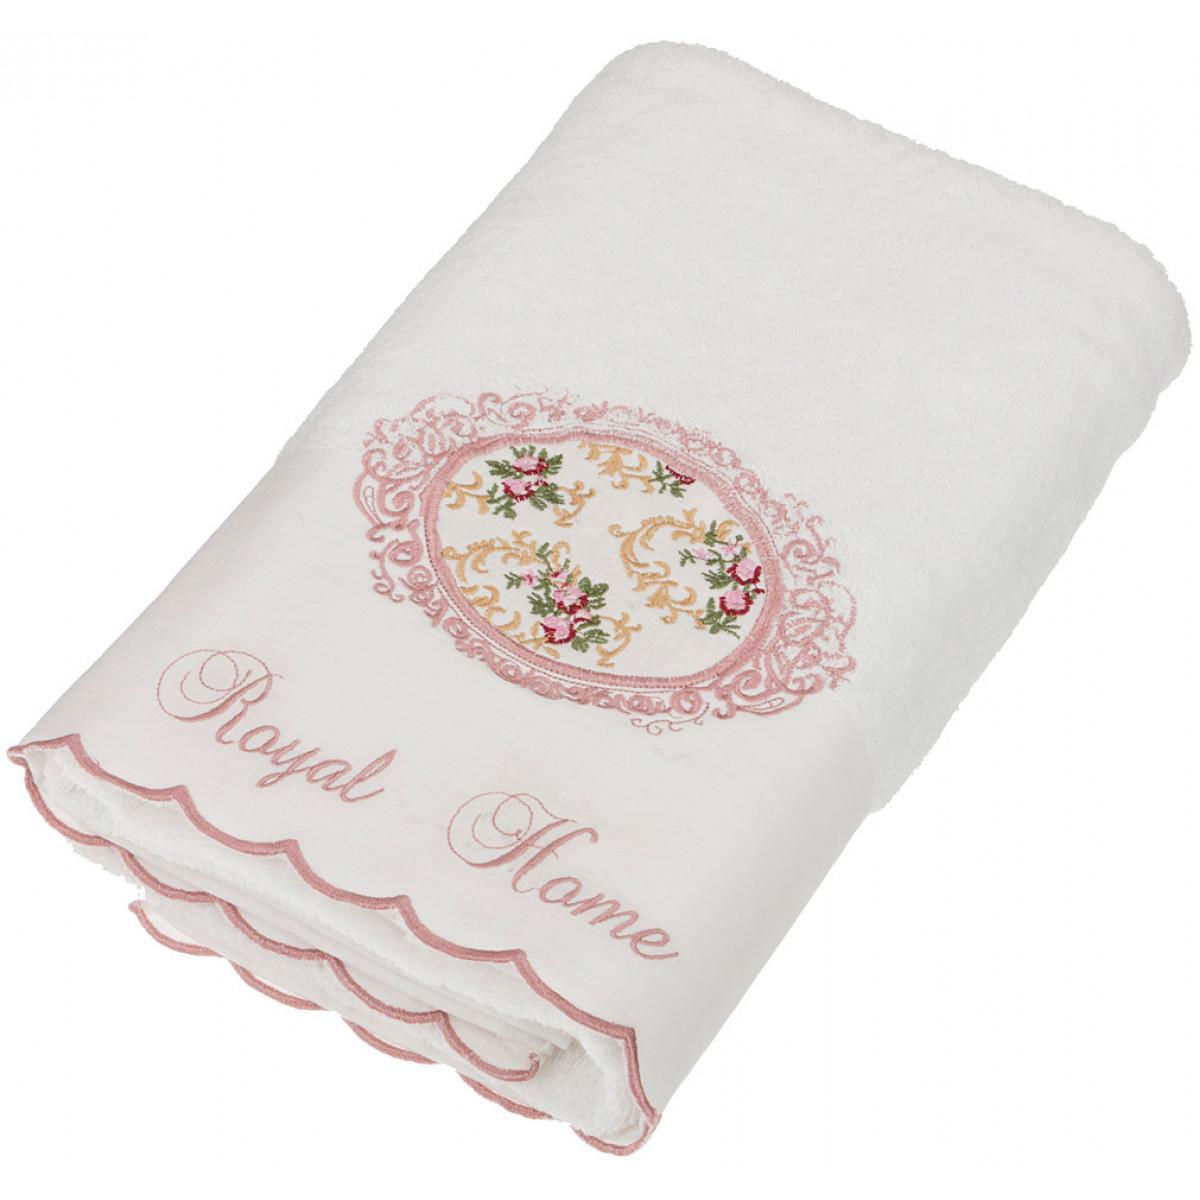 Полотенца Santalino Полотенце Starla (50х90 см) полотенце для лица арти м 50х90 см 840 06